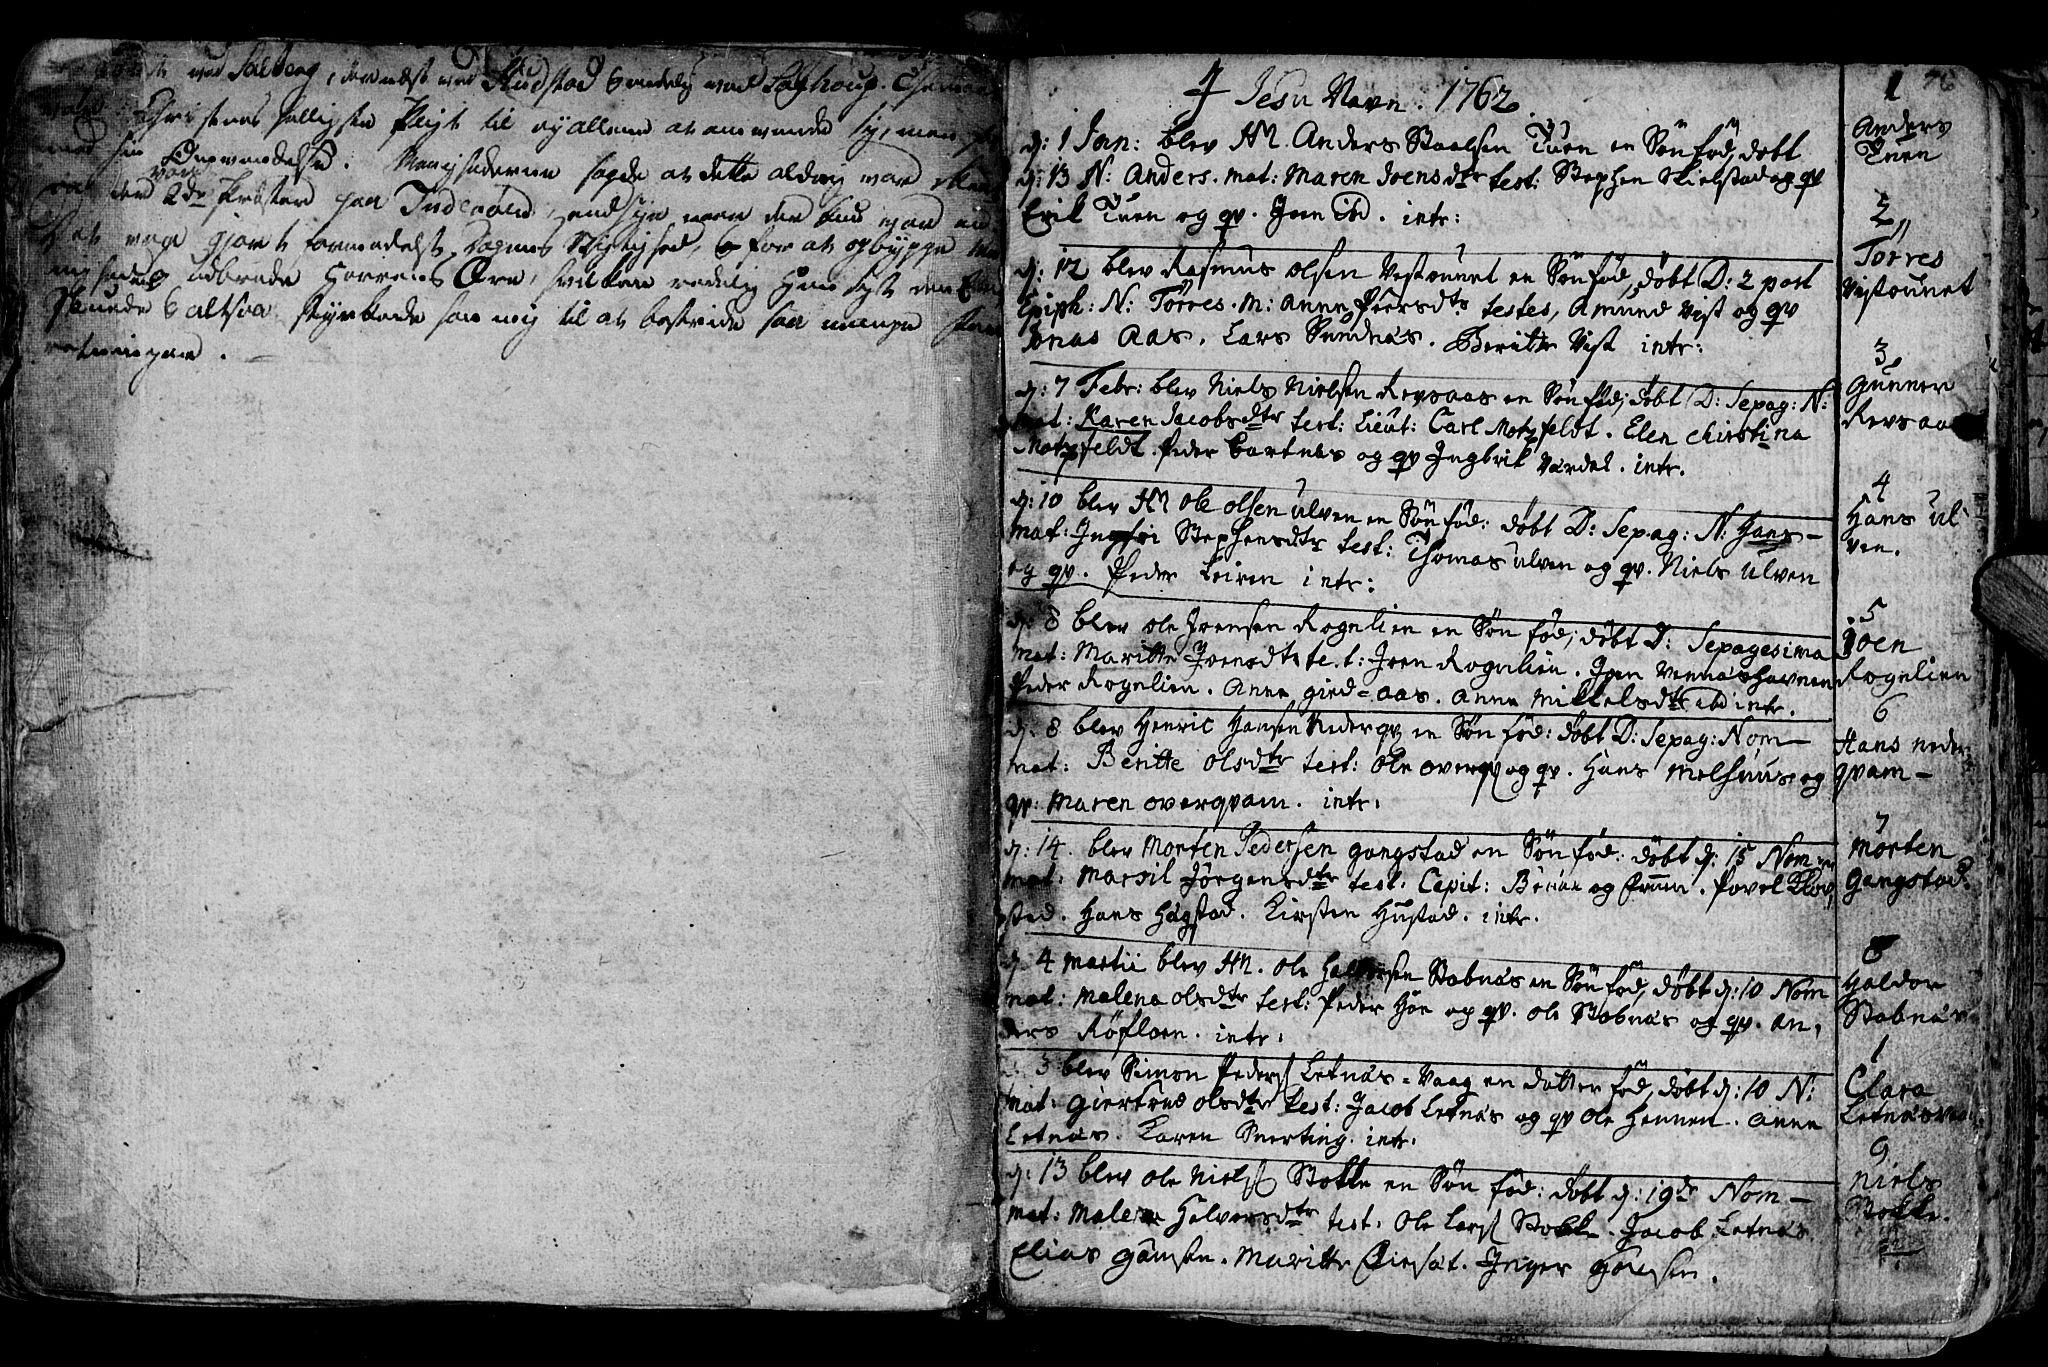 SAT, Ministerialprotokoller, klokkerbøker og fødselsregistre - Nord-Trøndelag, 730/L0273: Ministerialbok nr. 730A02, 1762-1802, s. 76